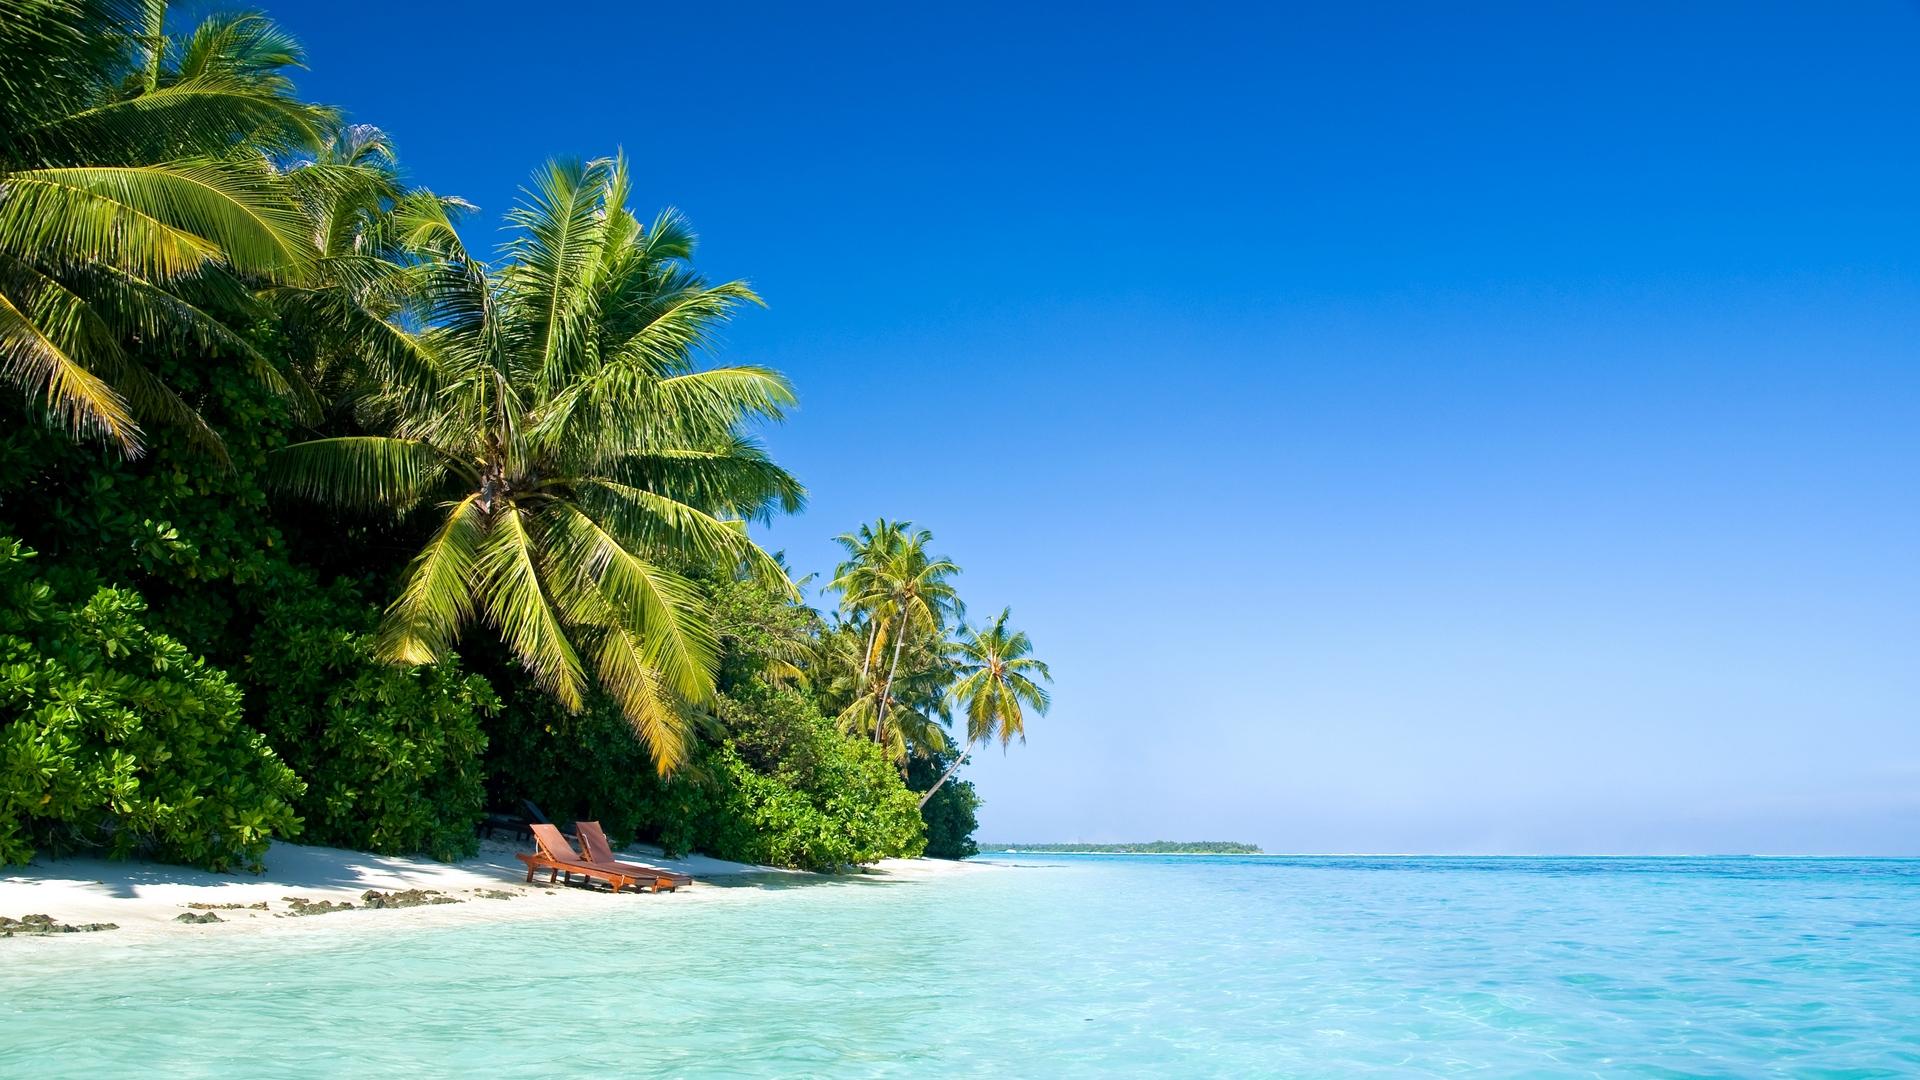 Robanda-Viaggi-Torino-Maldive